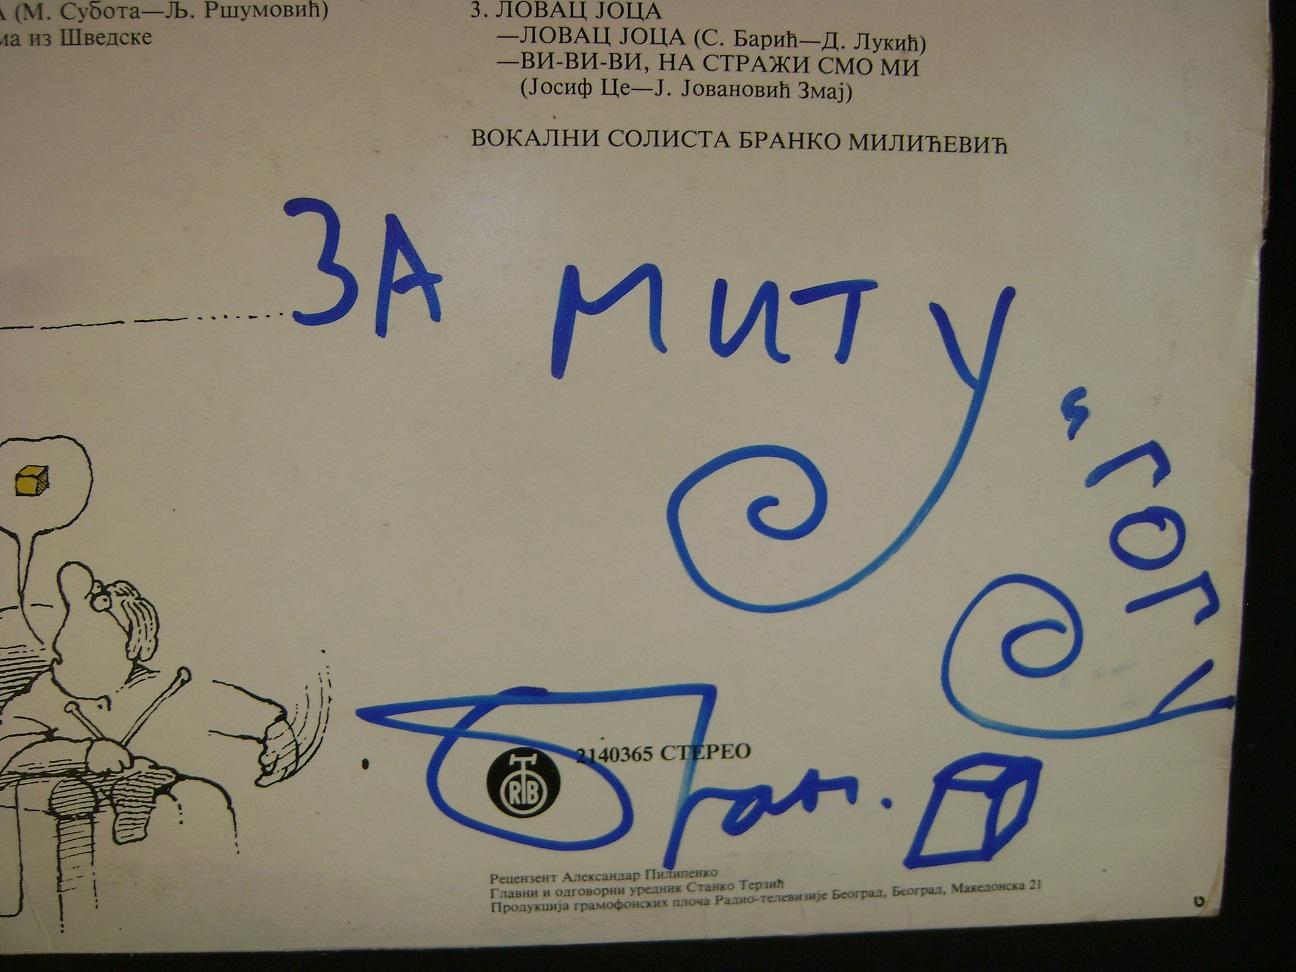 Autogram_Branko_Kockica__1.JPG